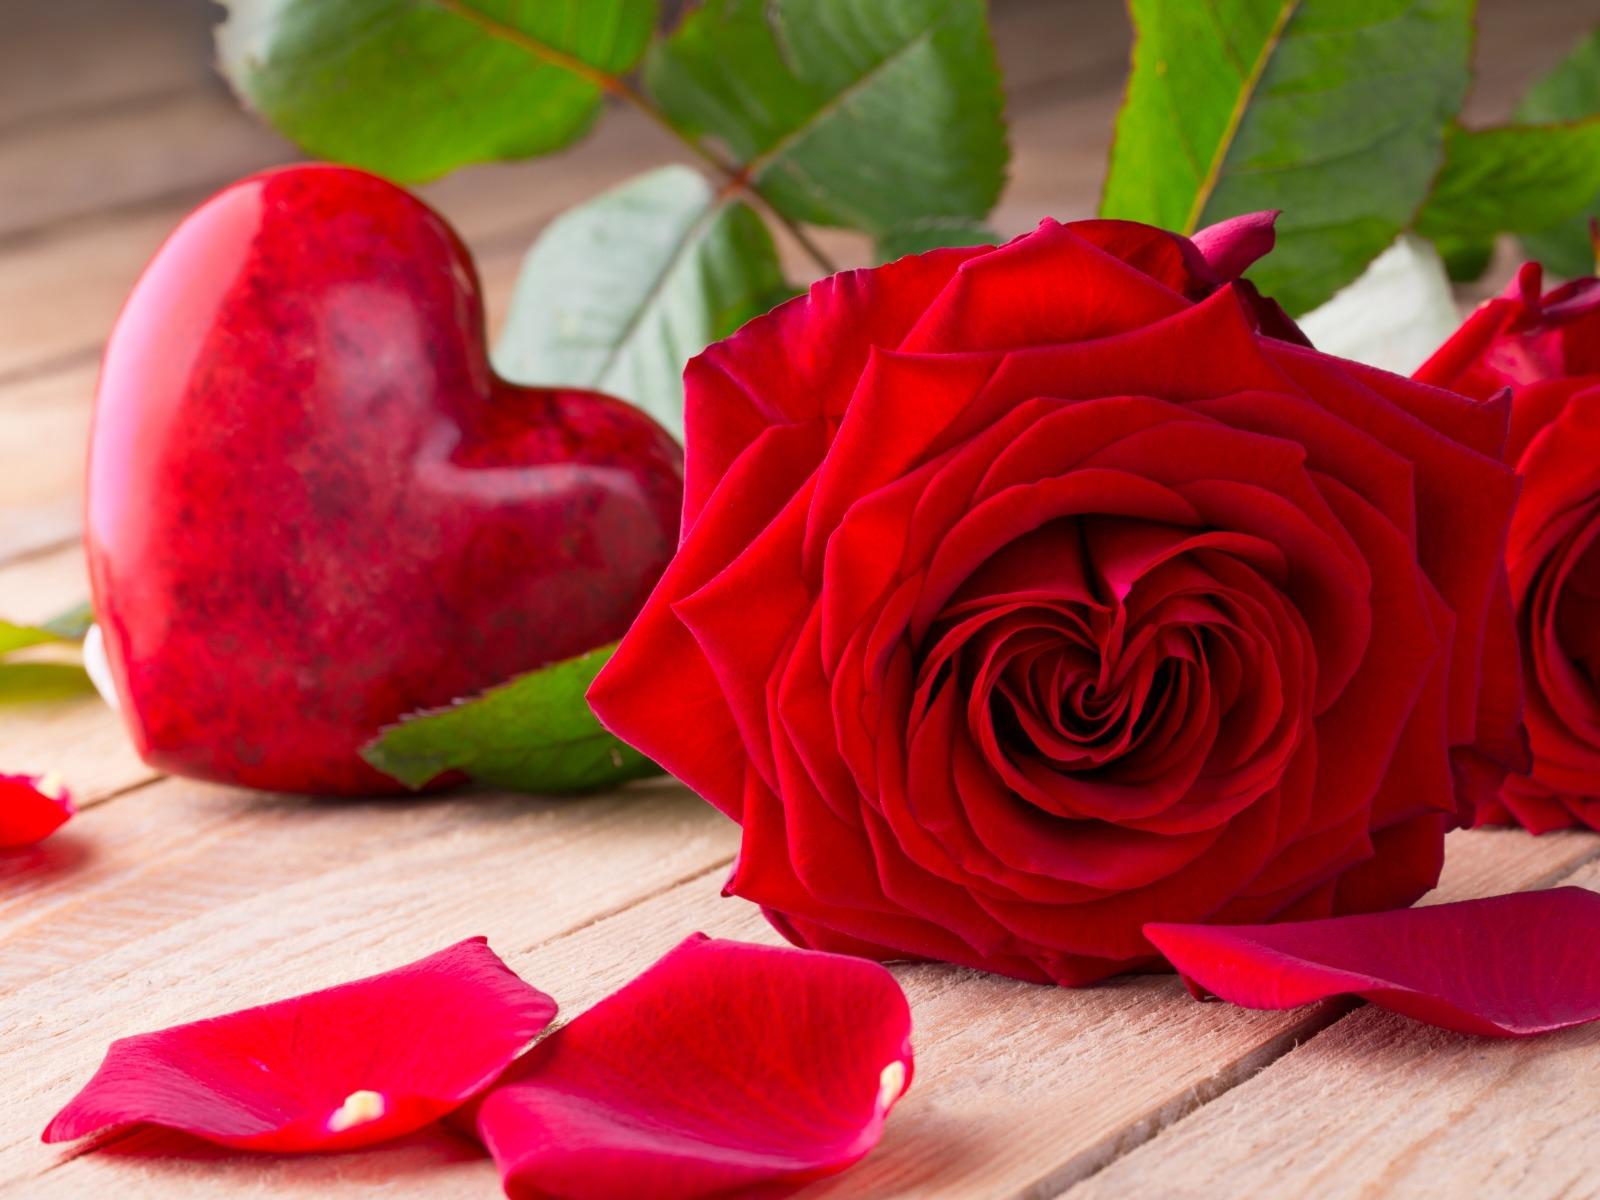 صورة صور اجمل الورود , اجمل رمزيات الزهور